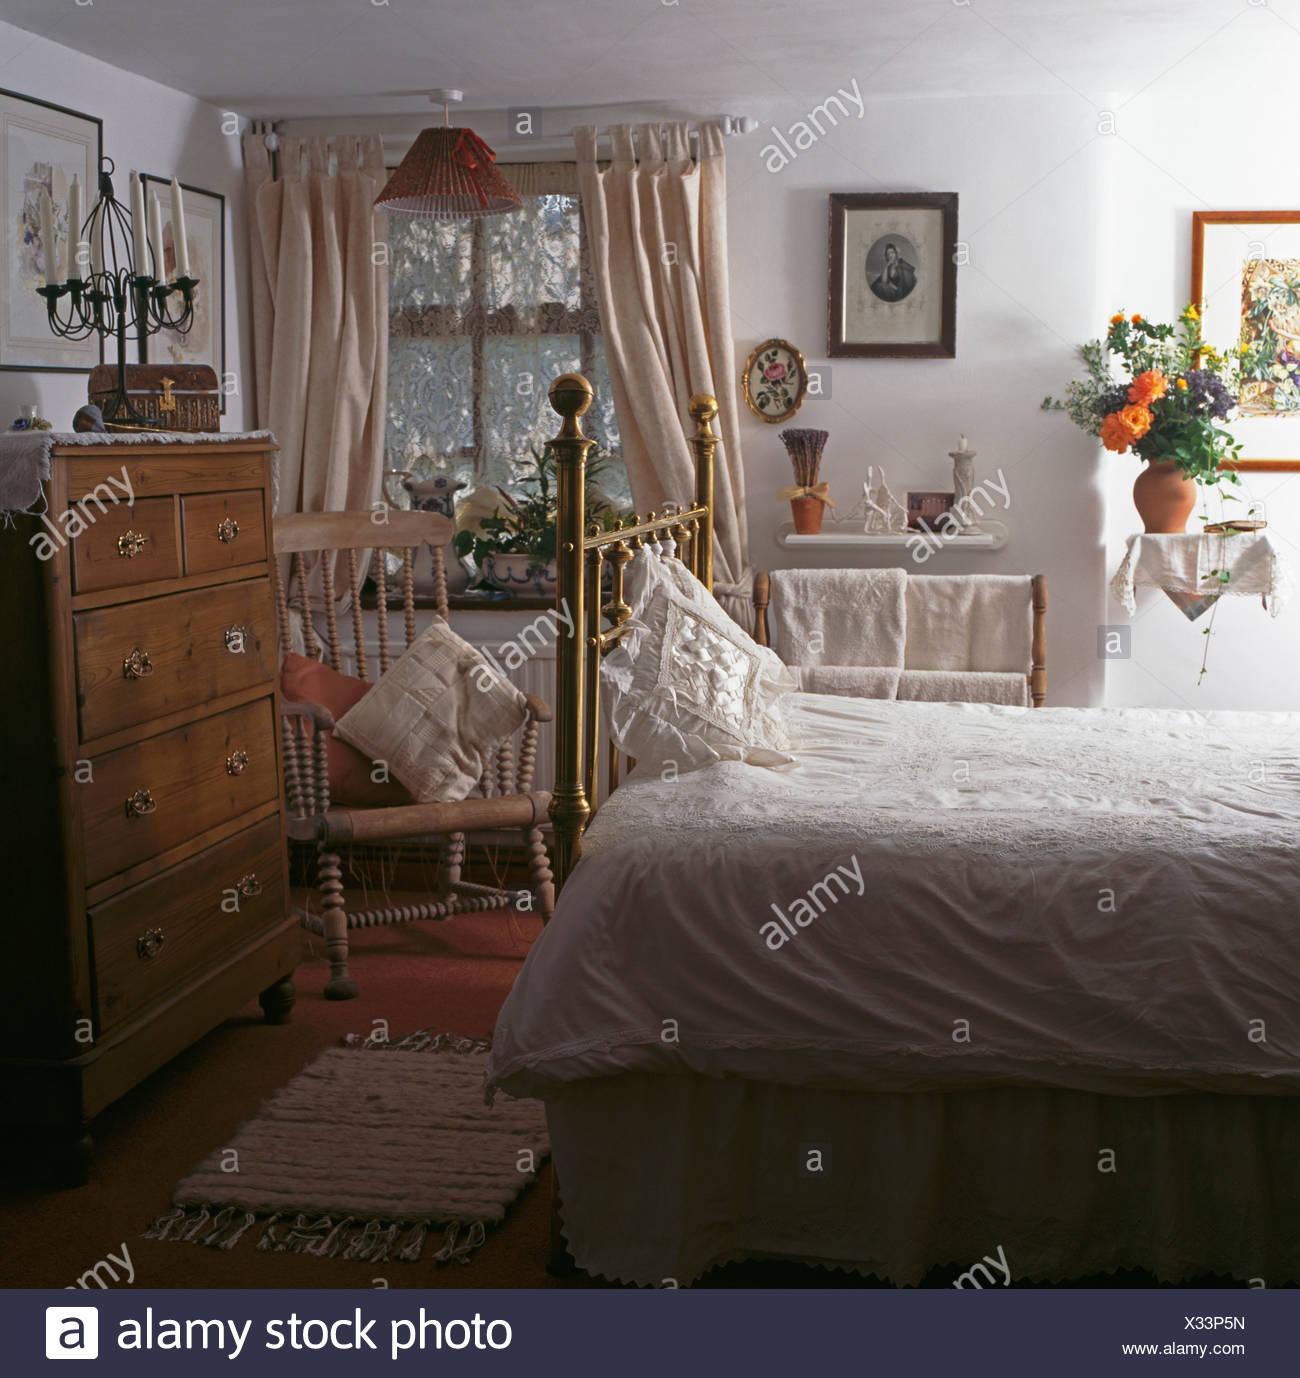 Weißen Bettdecke auf Messing-Bett im Weißen Haus Schlafzimmer mit ...